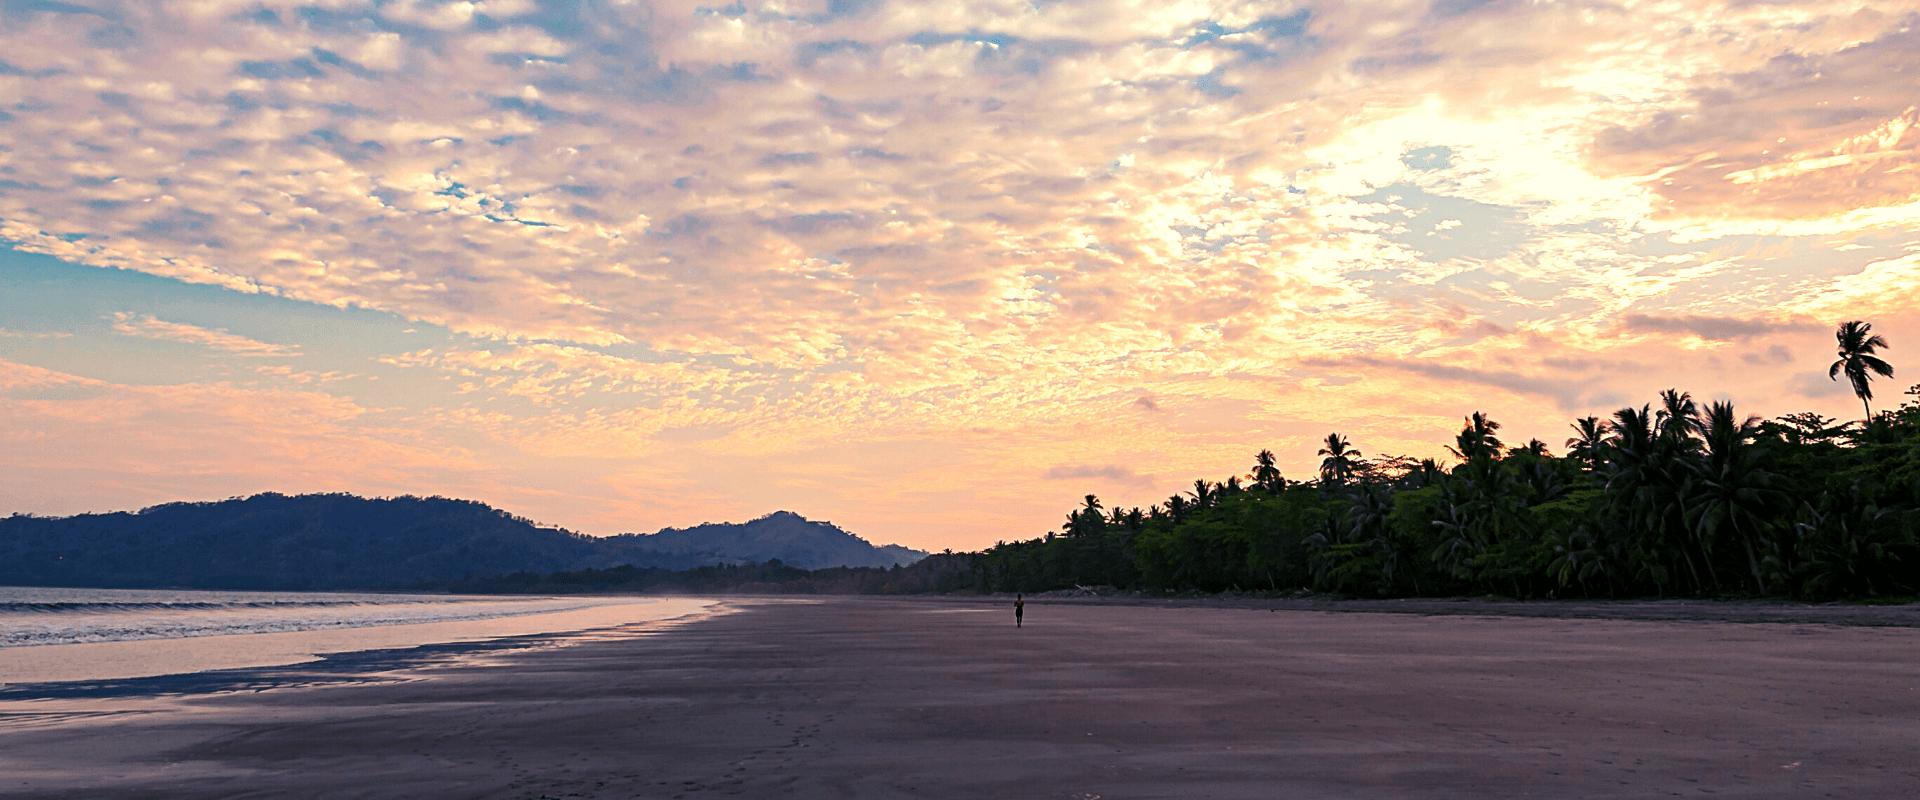 Explore Beautiful Costa Rica (Playa Tambor)